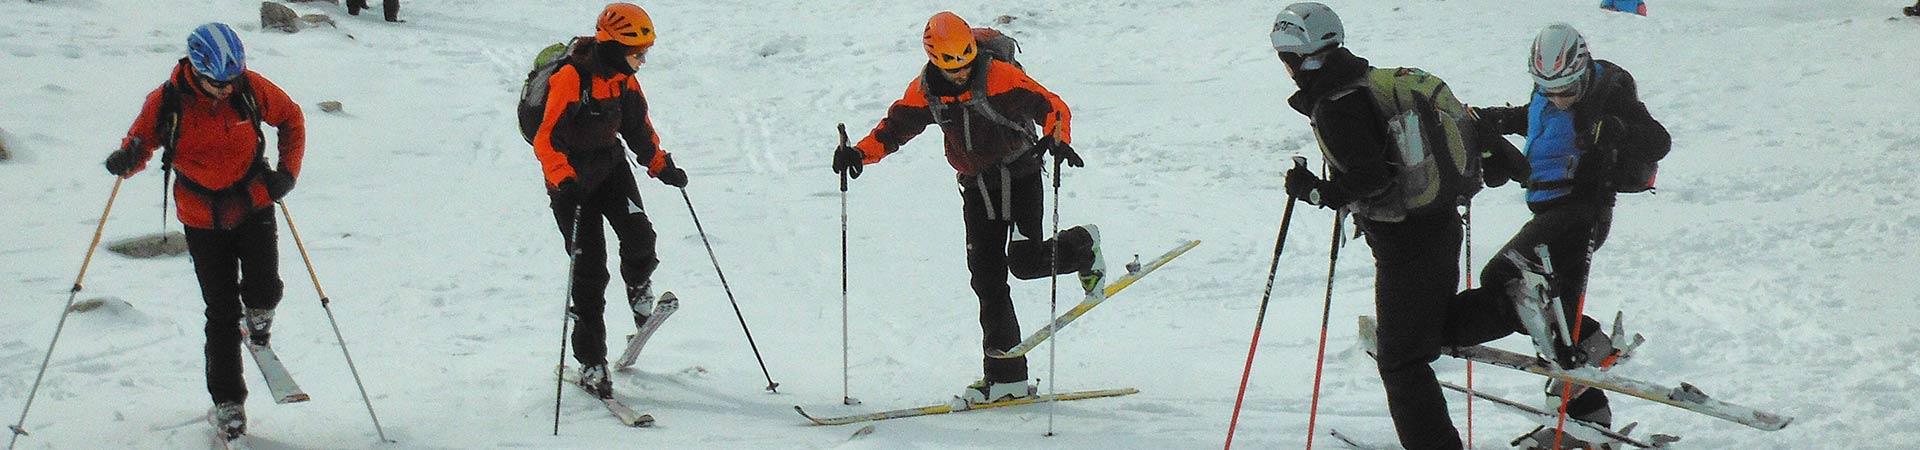 classes-esqui-pista-4h